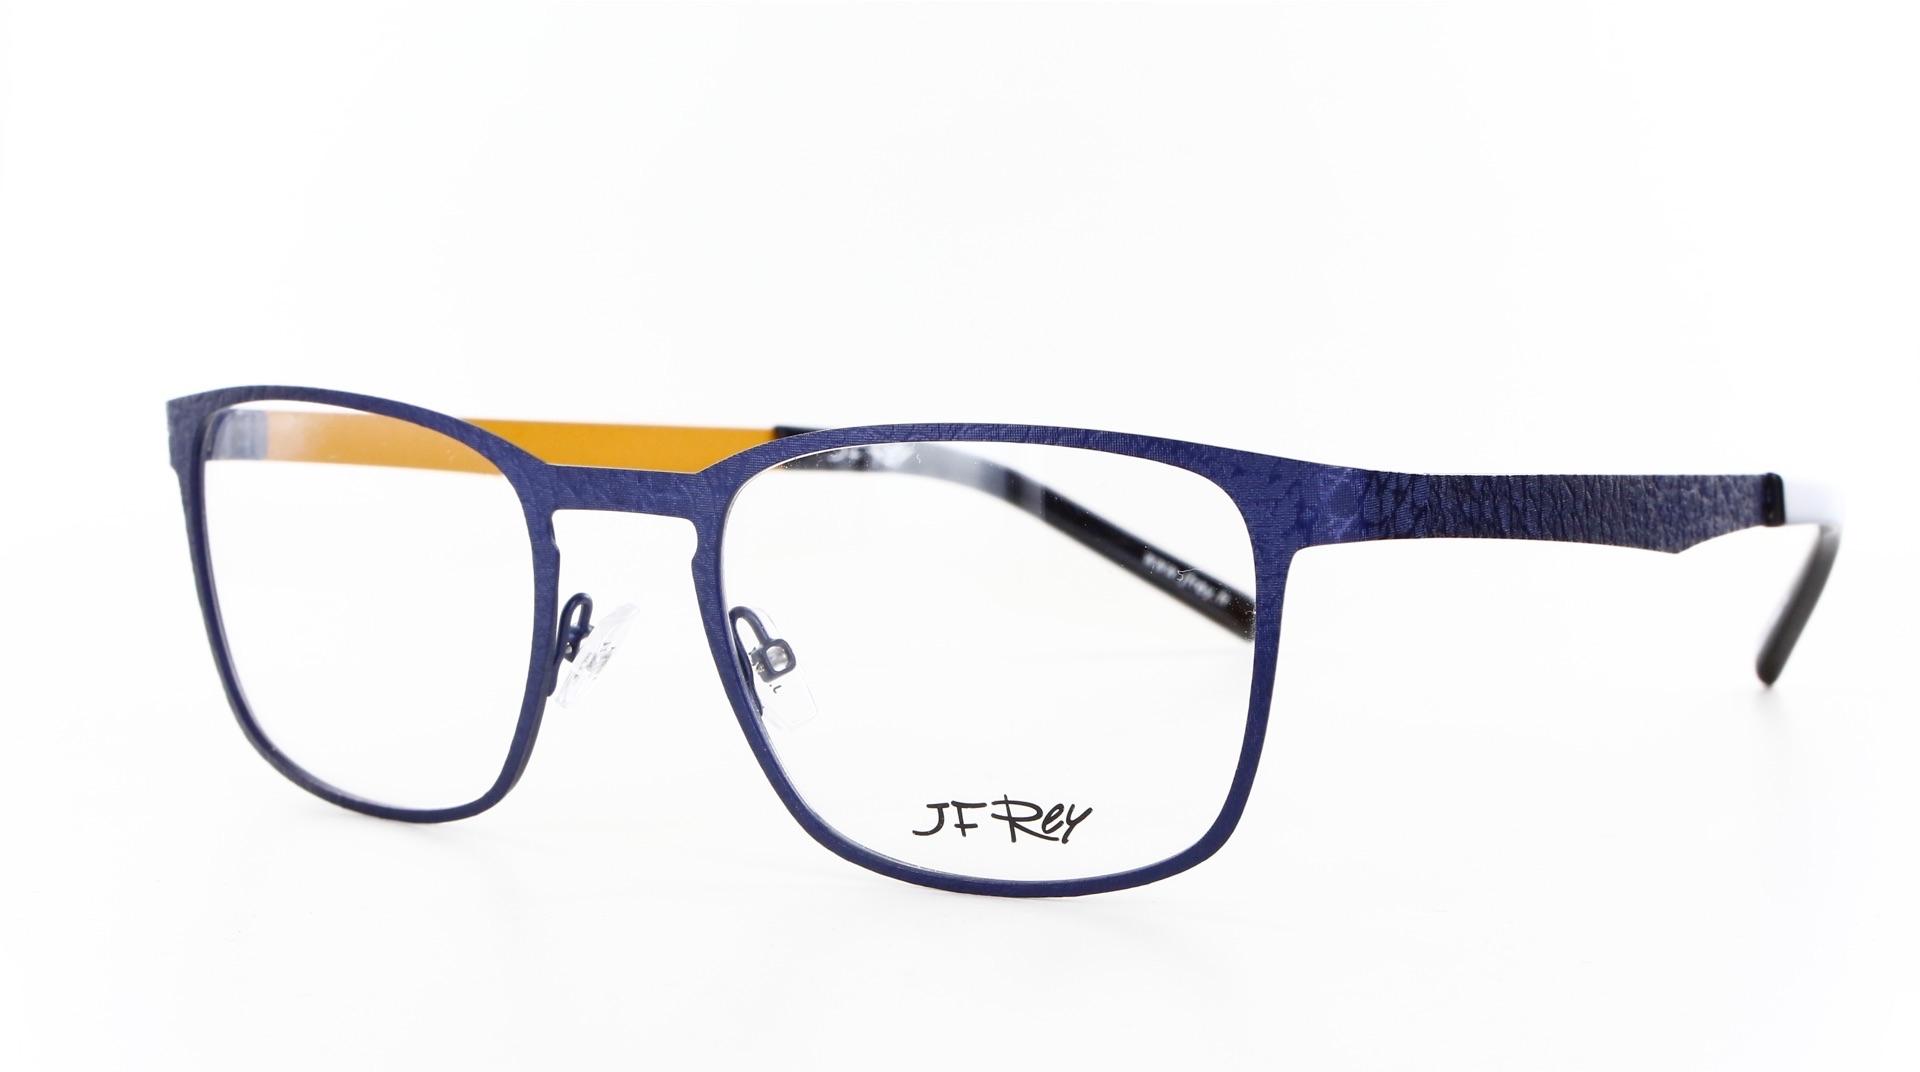 J.F. Rey - ref: 75680